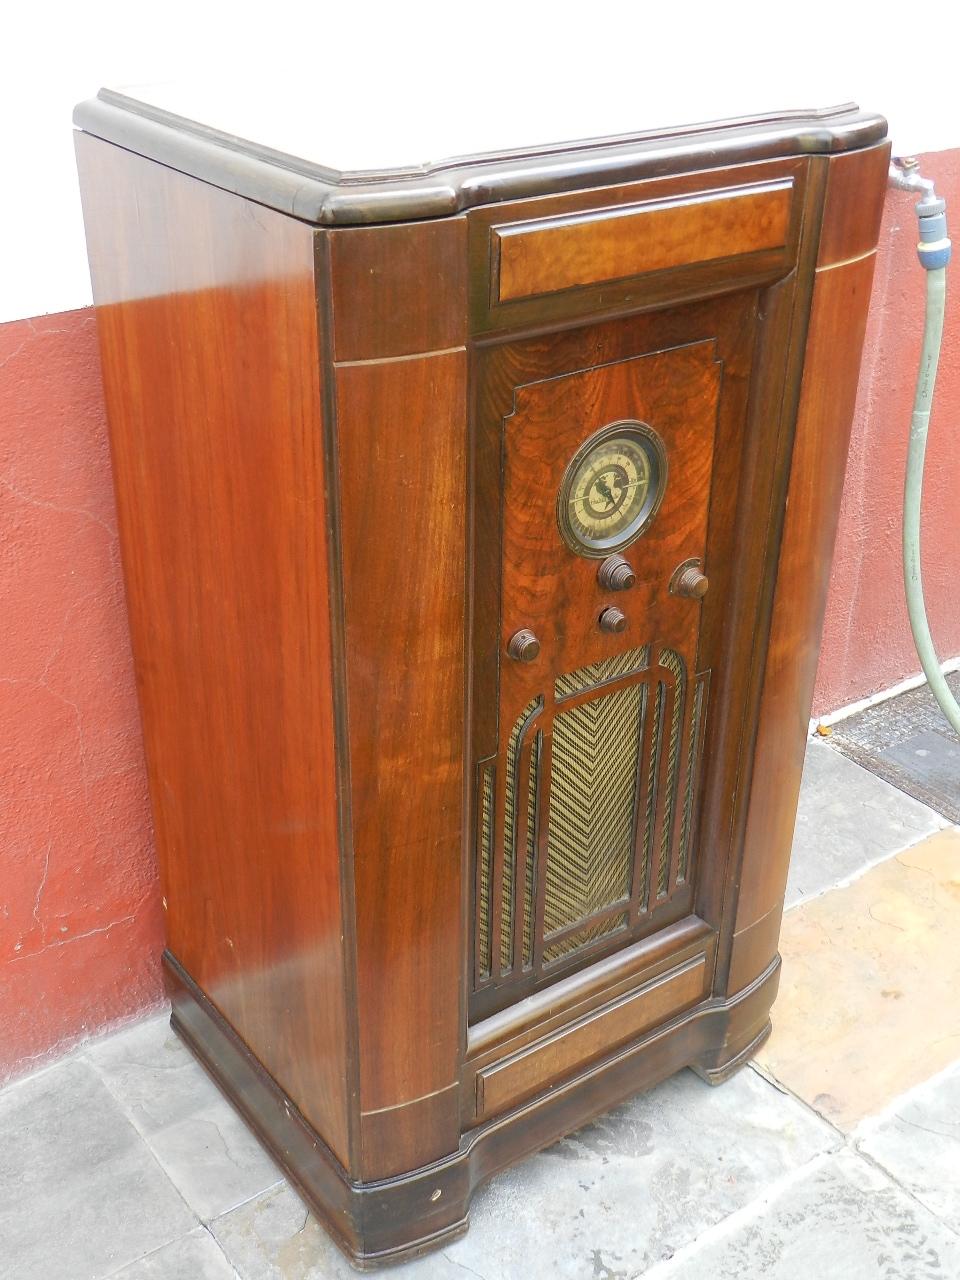 Imagen RADIO GRAMOLA ANDREA AÑO 1940 28557